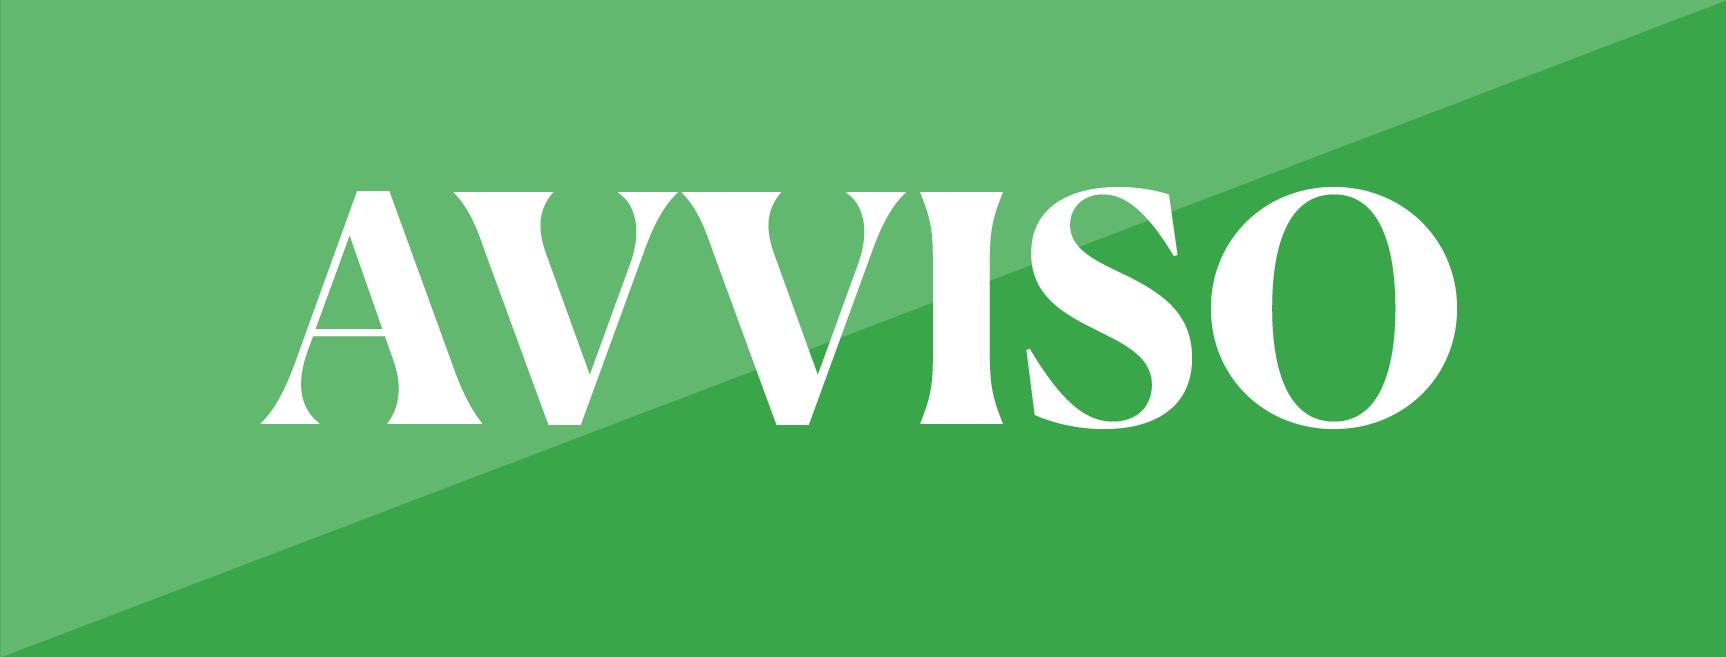 AVVISO chiusura Punto Vendita aziendale emergenza Covid-19